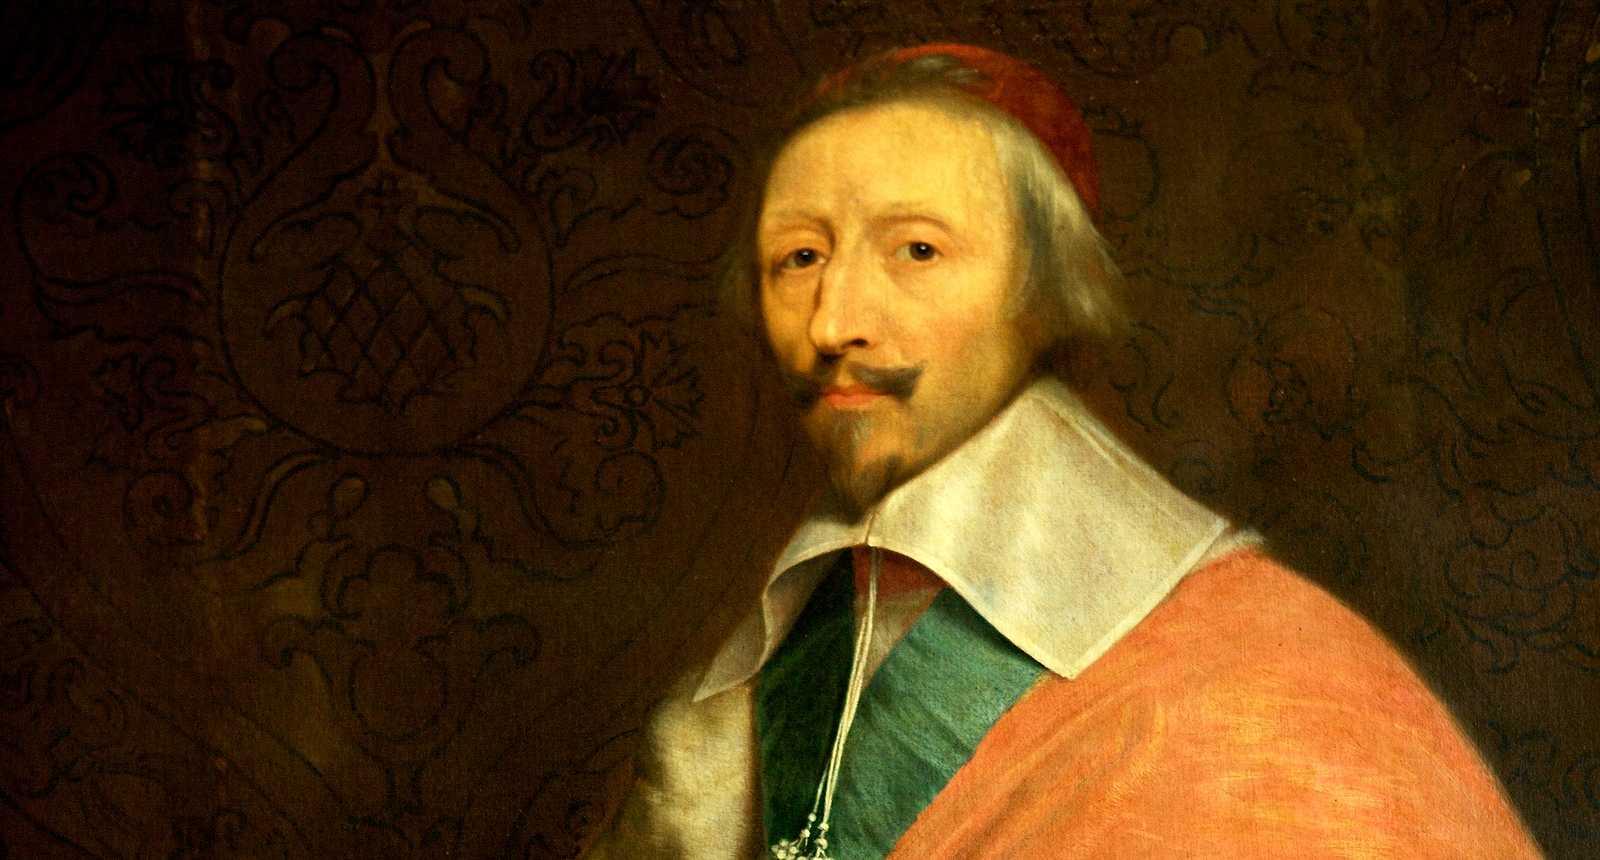 Le Cardinal de Richelieu au Château de Versailles